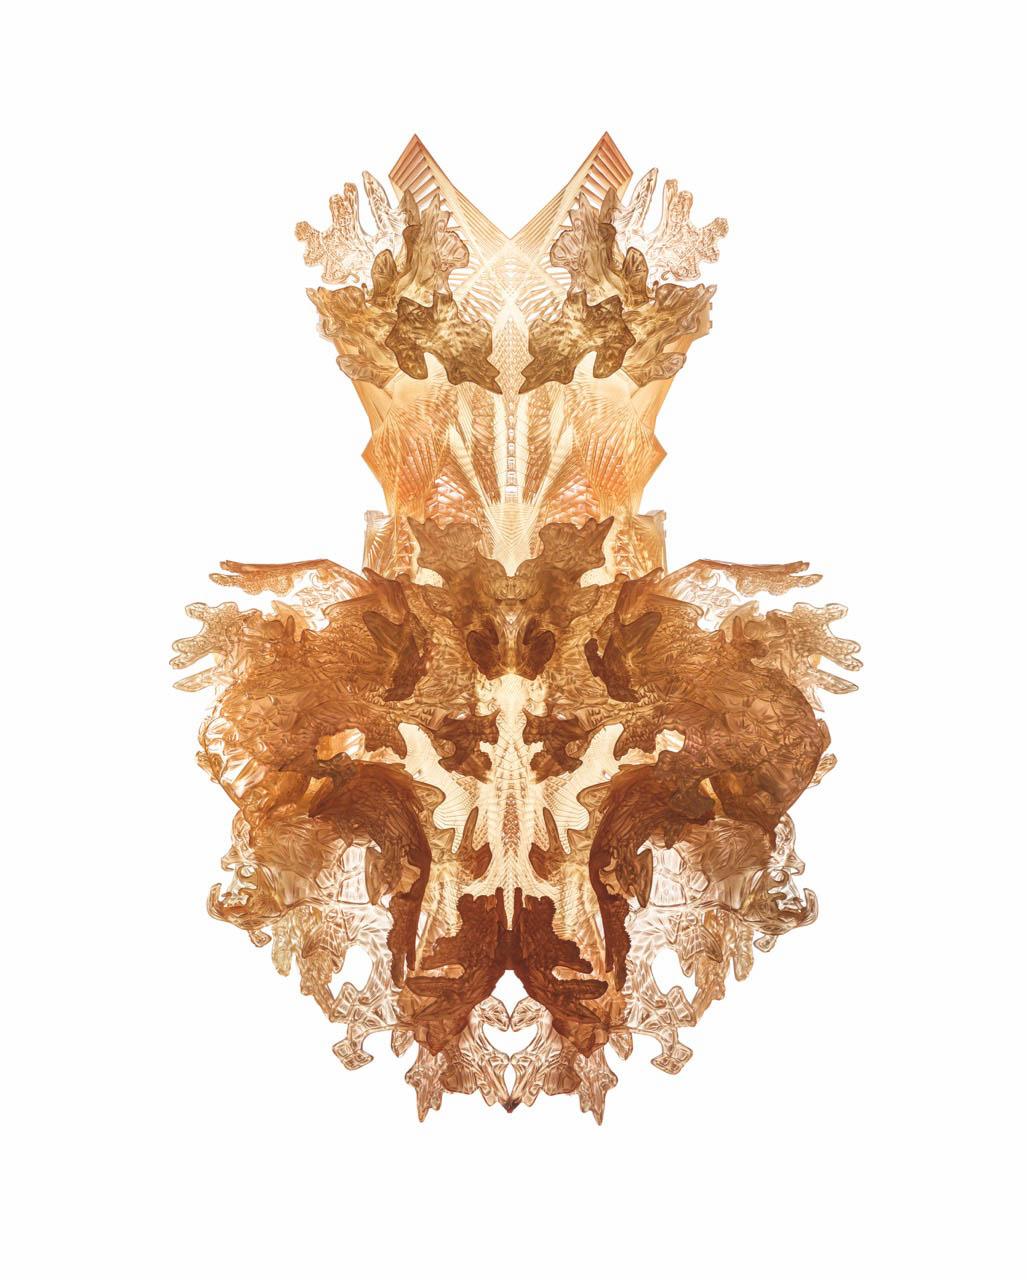 Iris van Herpen: Transforming Fashion - fashion - transforming fashion, StyleZeitgeist, Iris Van Herpen, Book, 2016